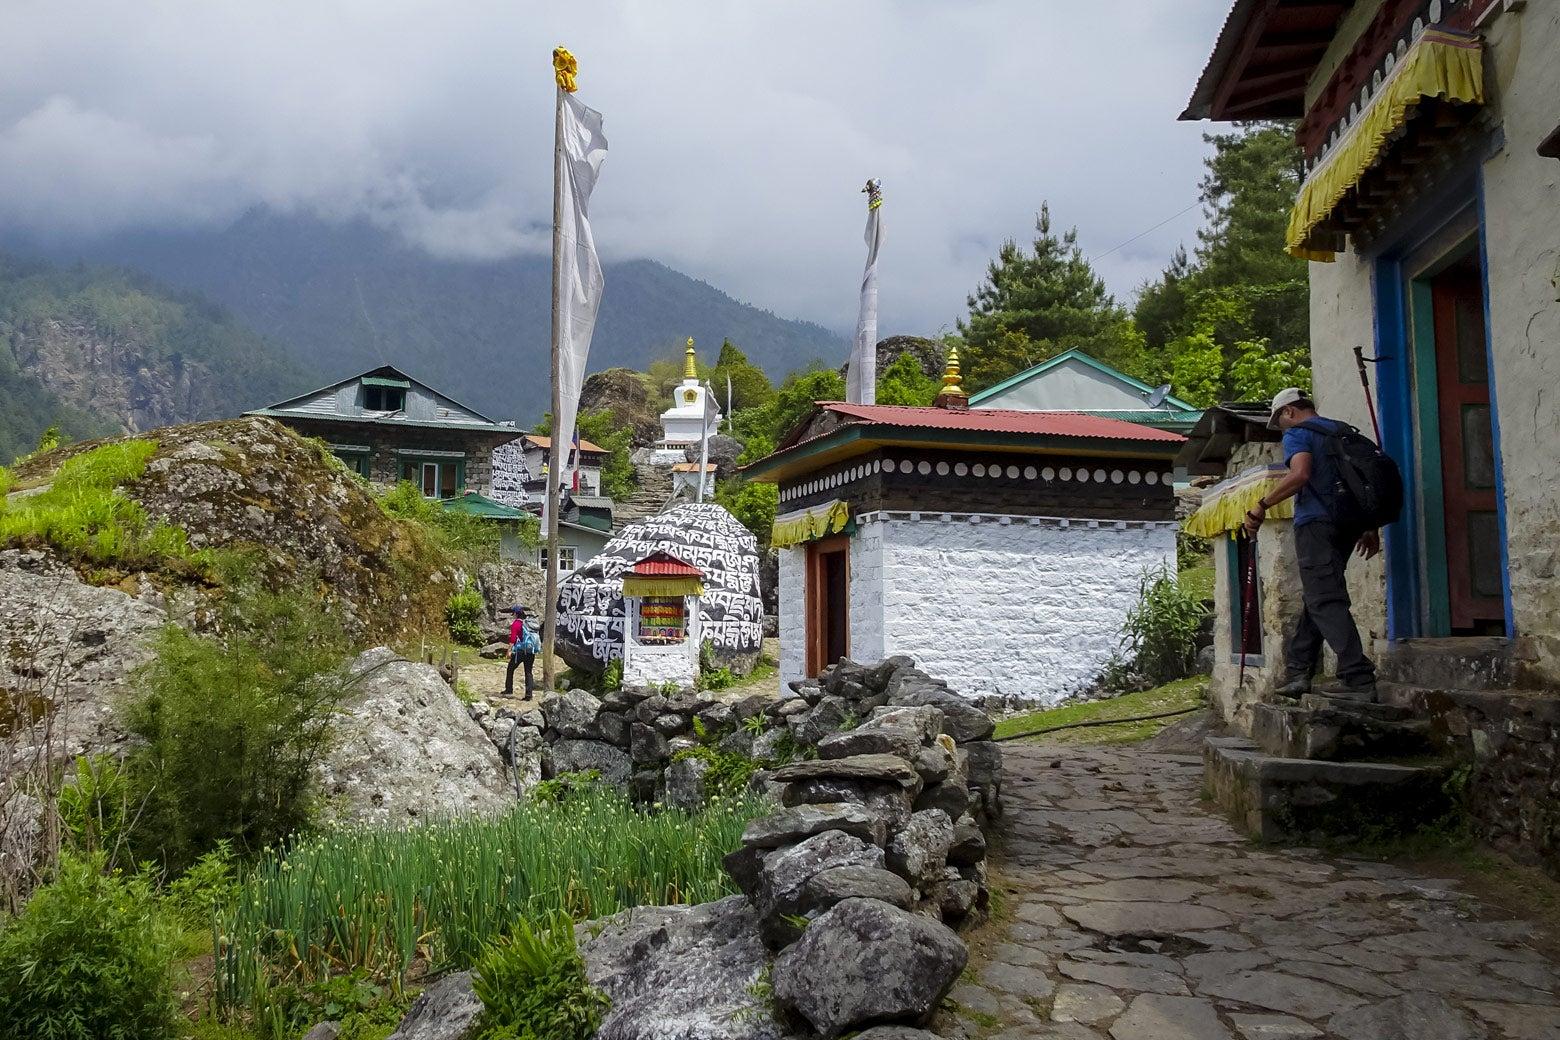 Ghat Village in the Mt. Everest region.